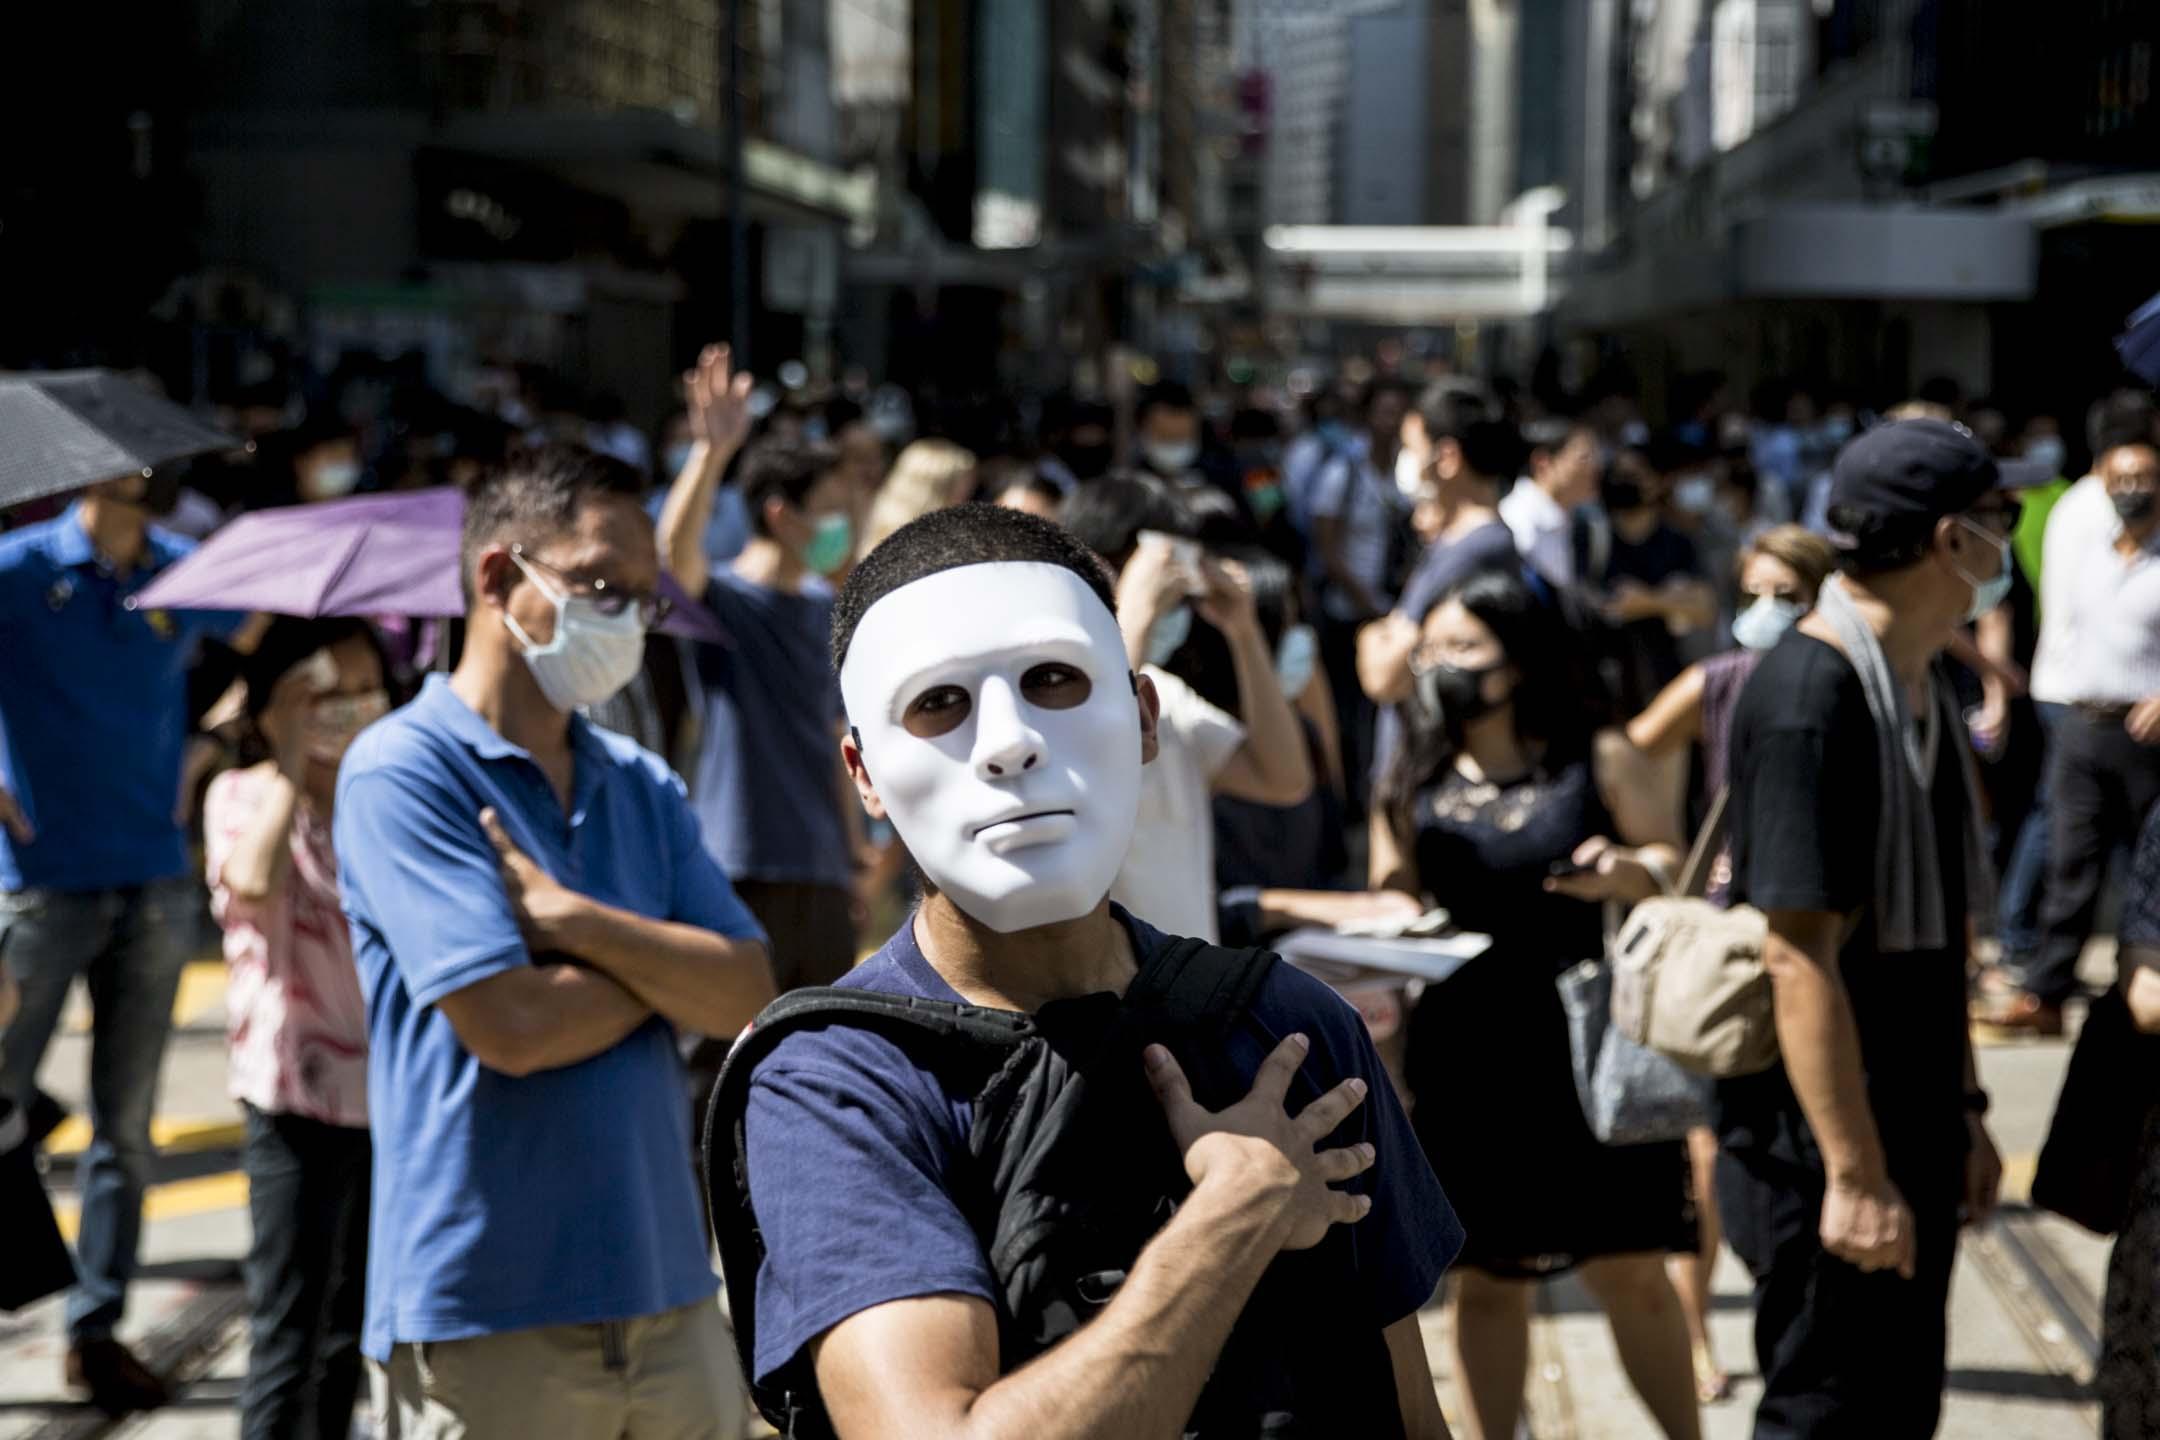 2019年10月4日,中環舉行反緊急法遊行,有參加者戴上面具出席。 攝:林振東/端傳媒